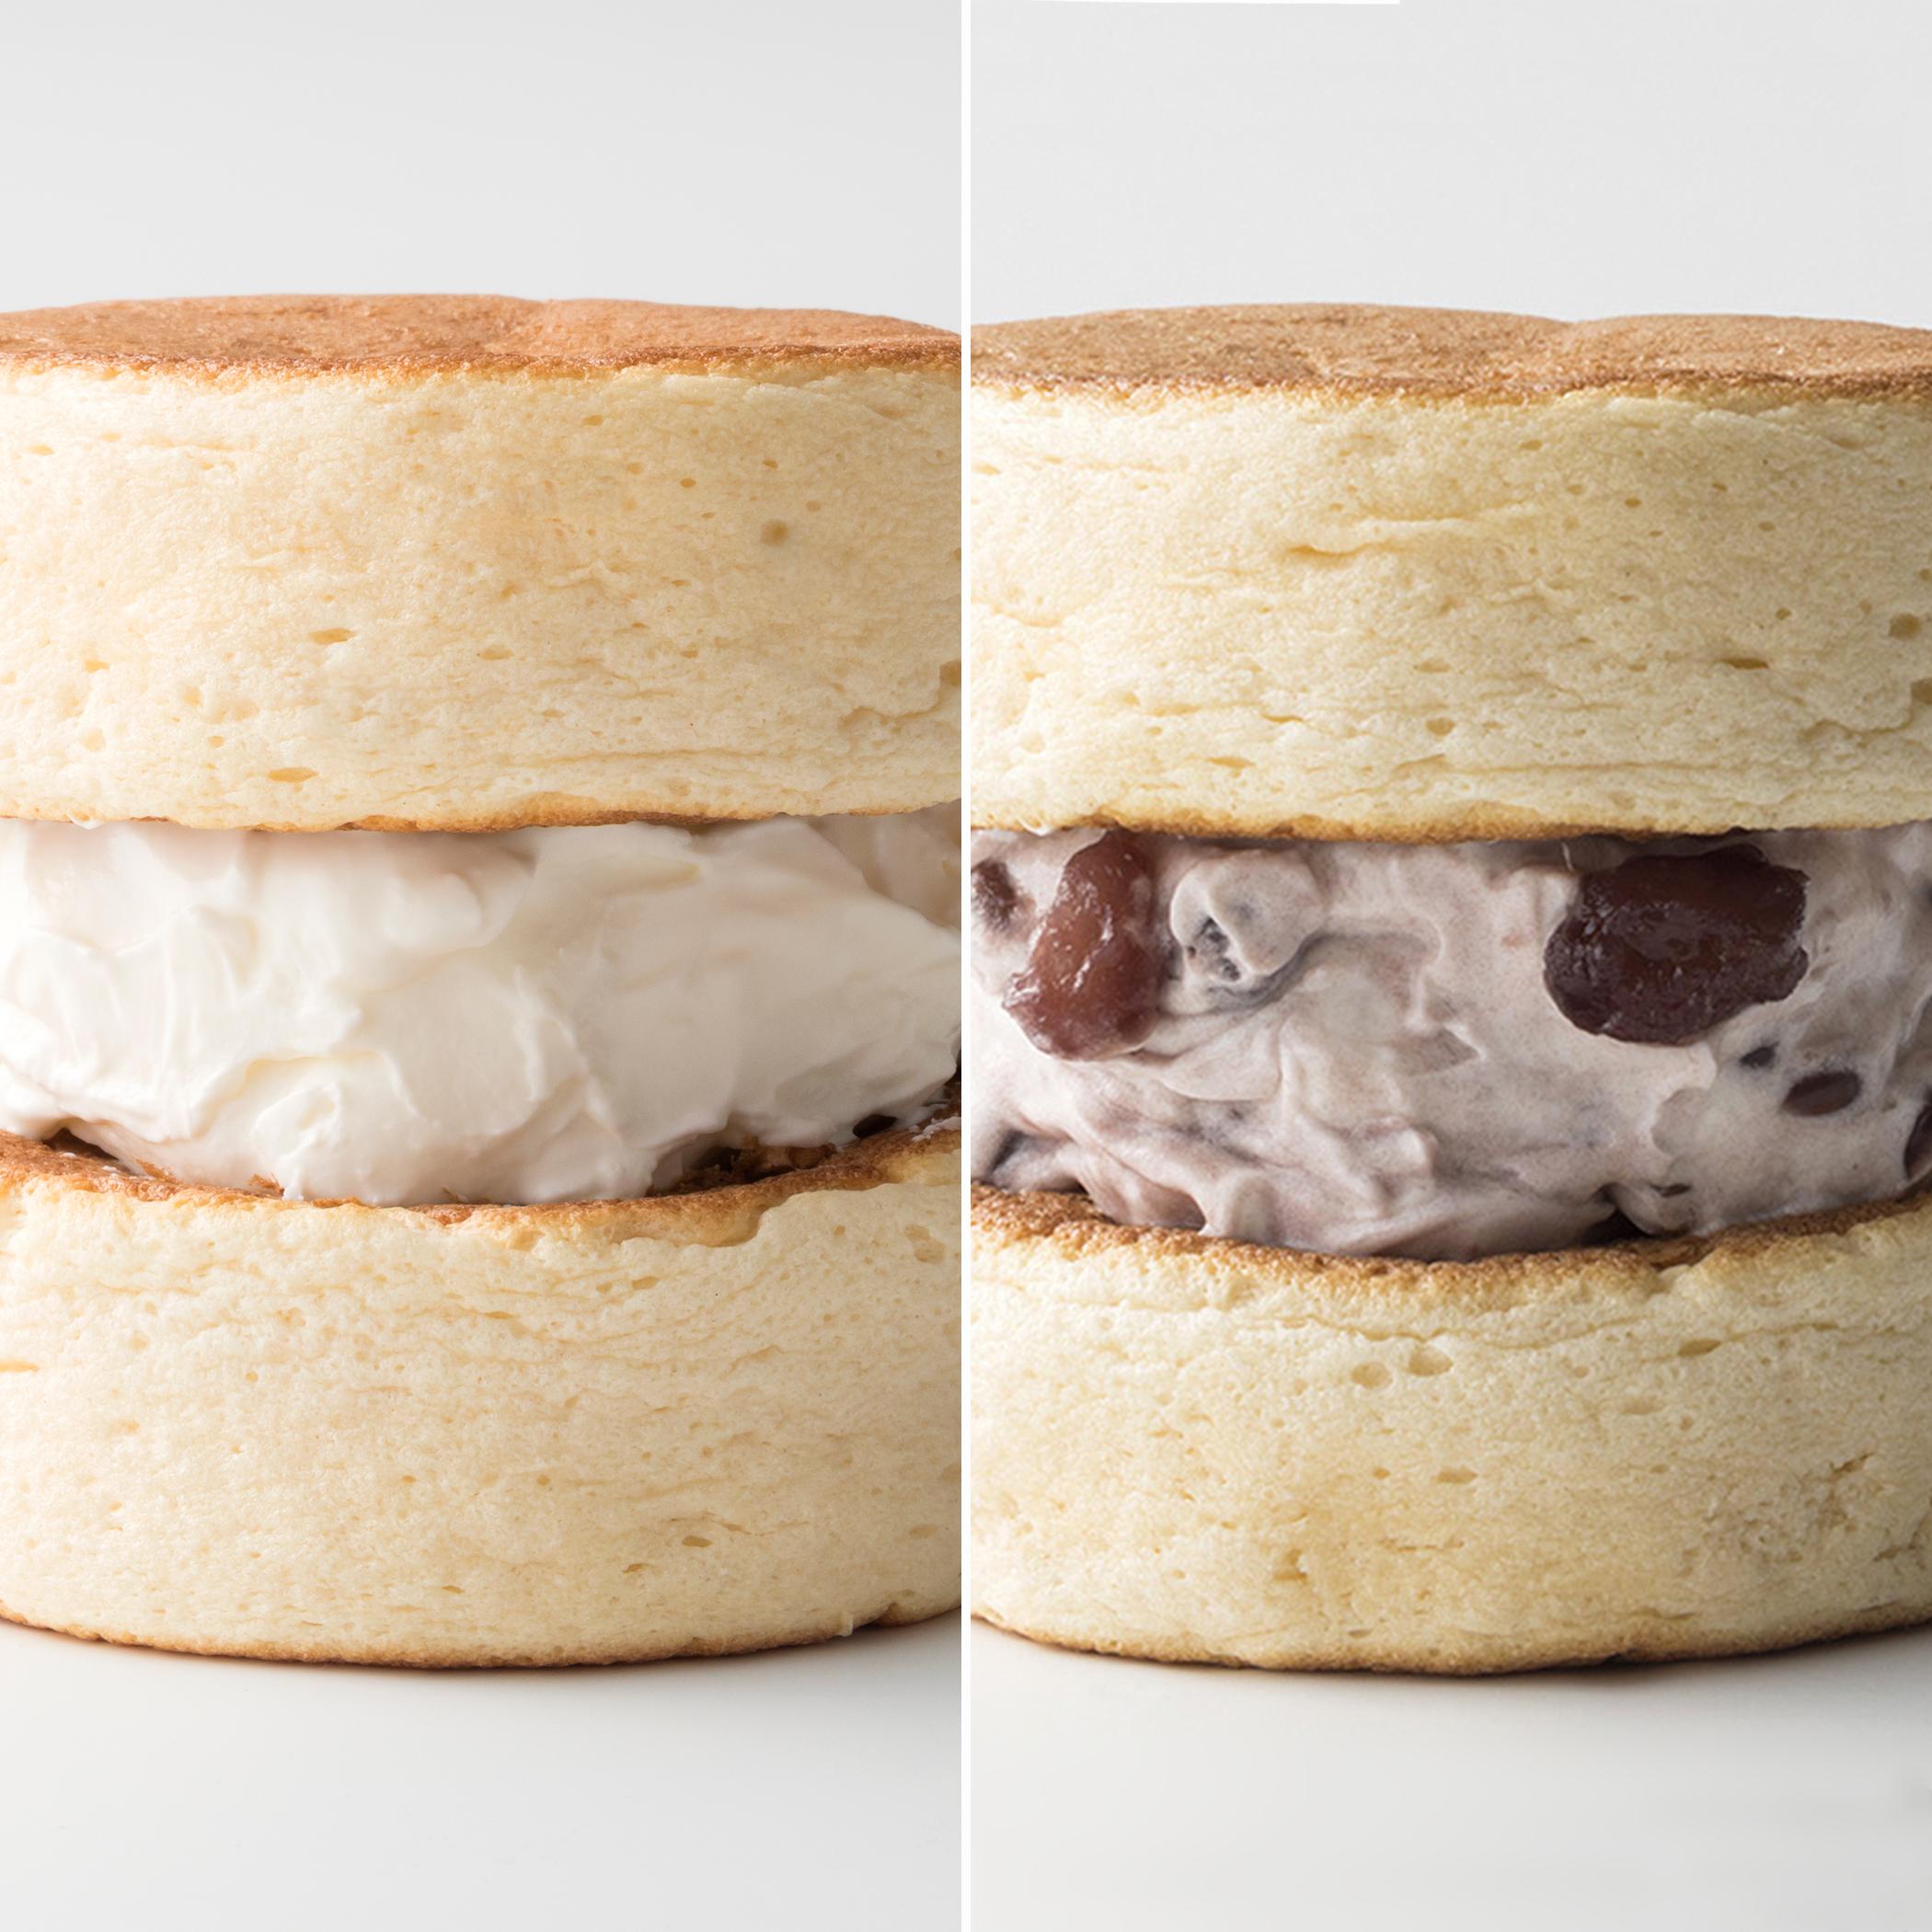 【8月1日(日)10:00販売開始】ふわふわ わぬき ミルククリーム5個とあんクリーム5個セット